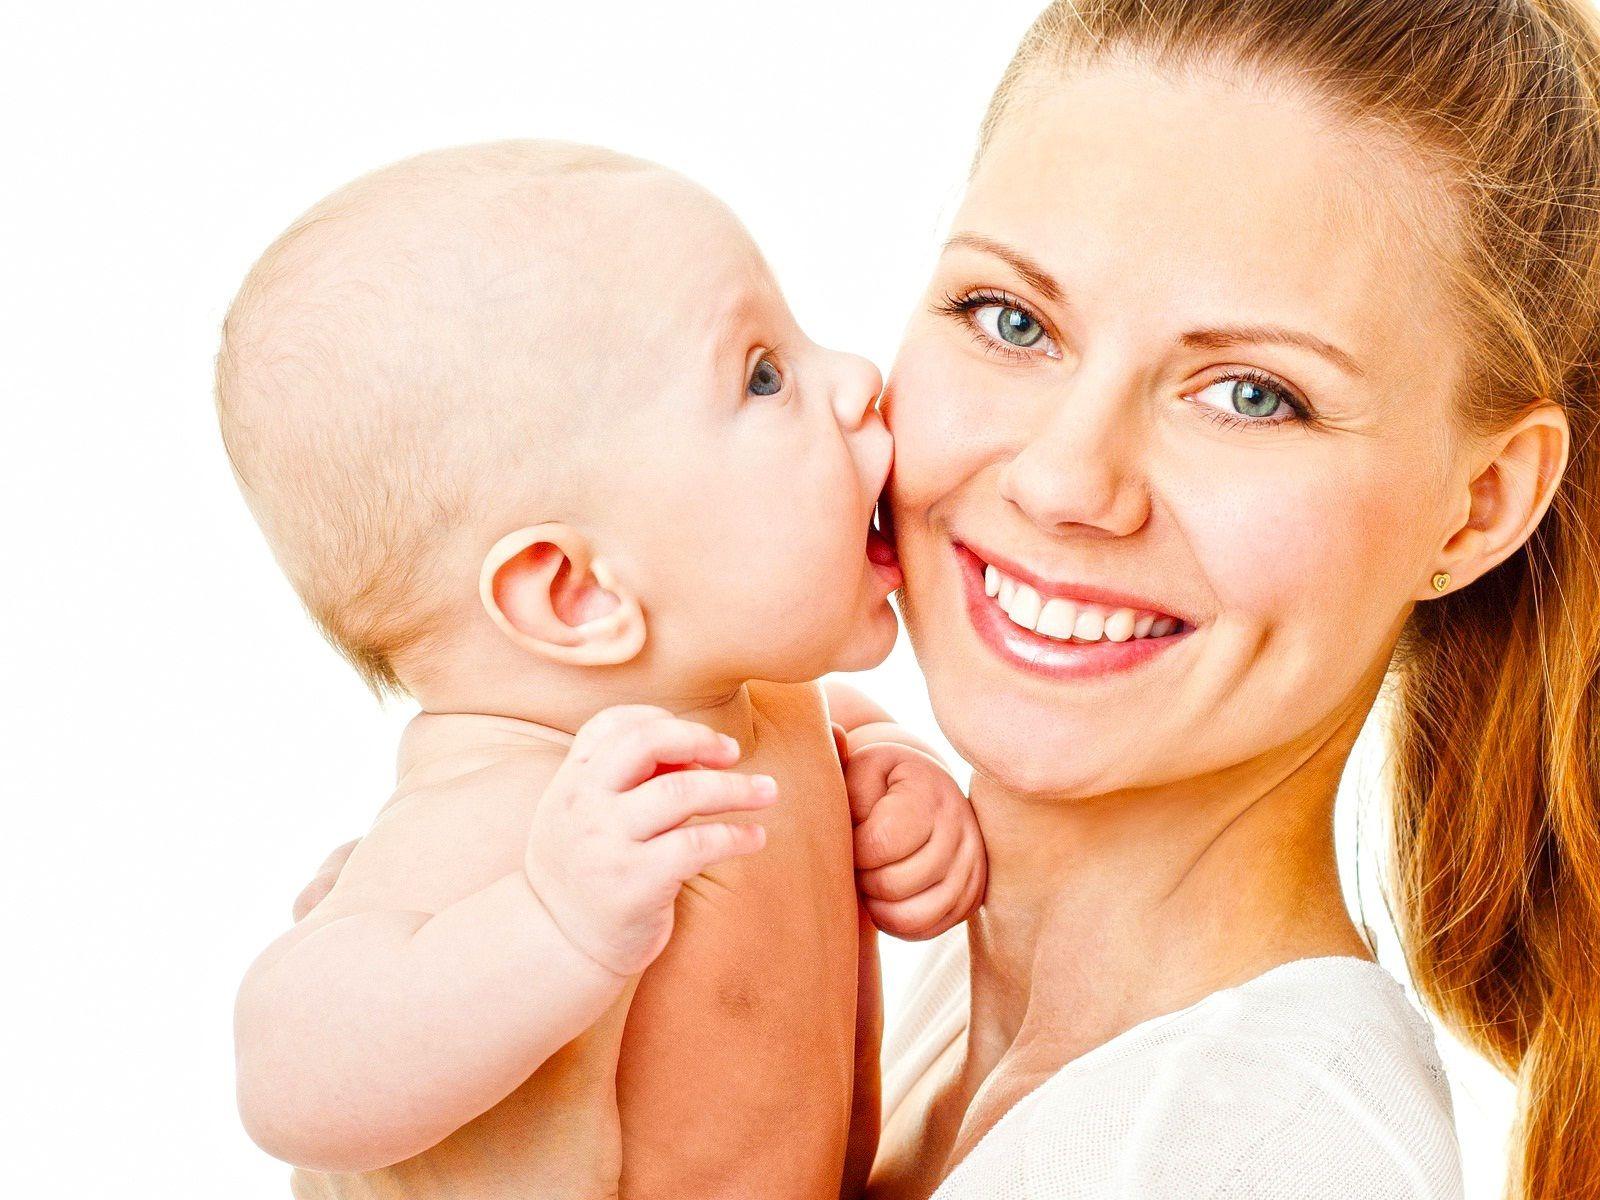 عطسههای مداوم نکته عجیب درباره نوزاد